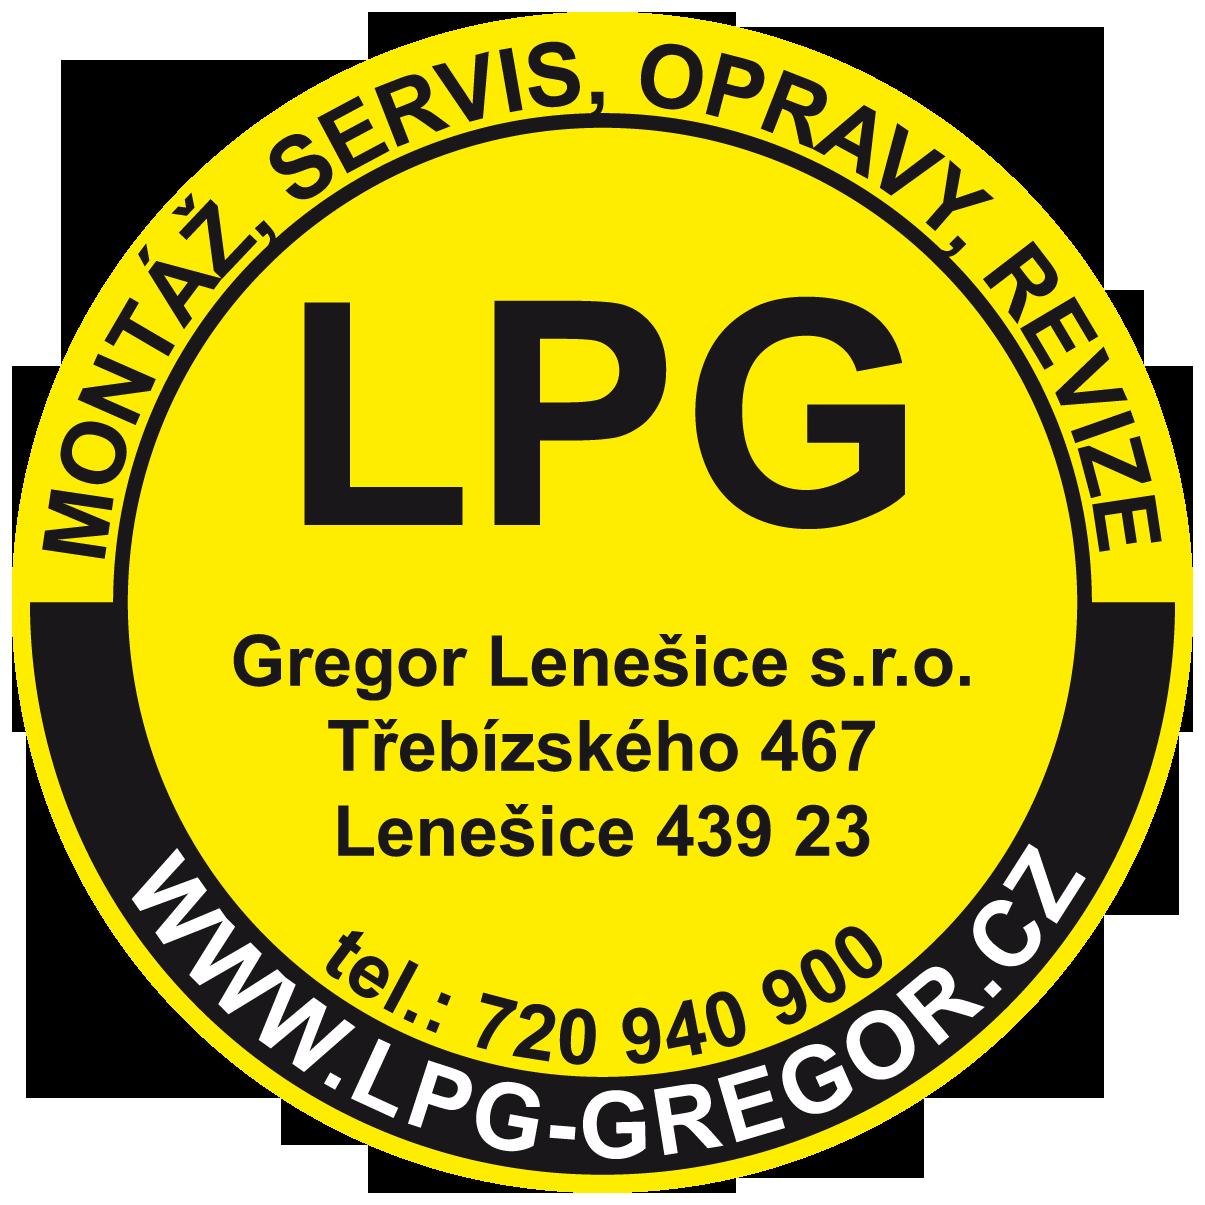 LPG Gregor Lenešice s.r.o.